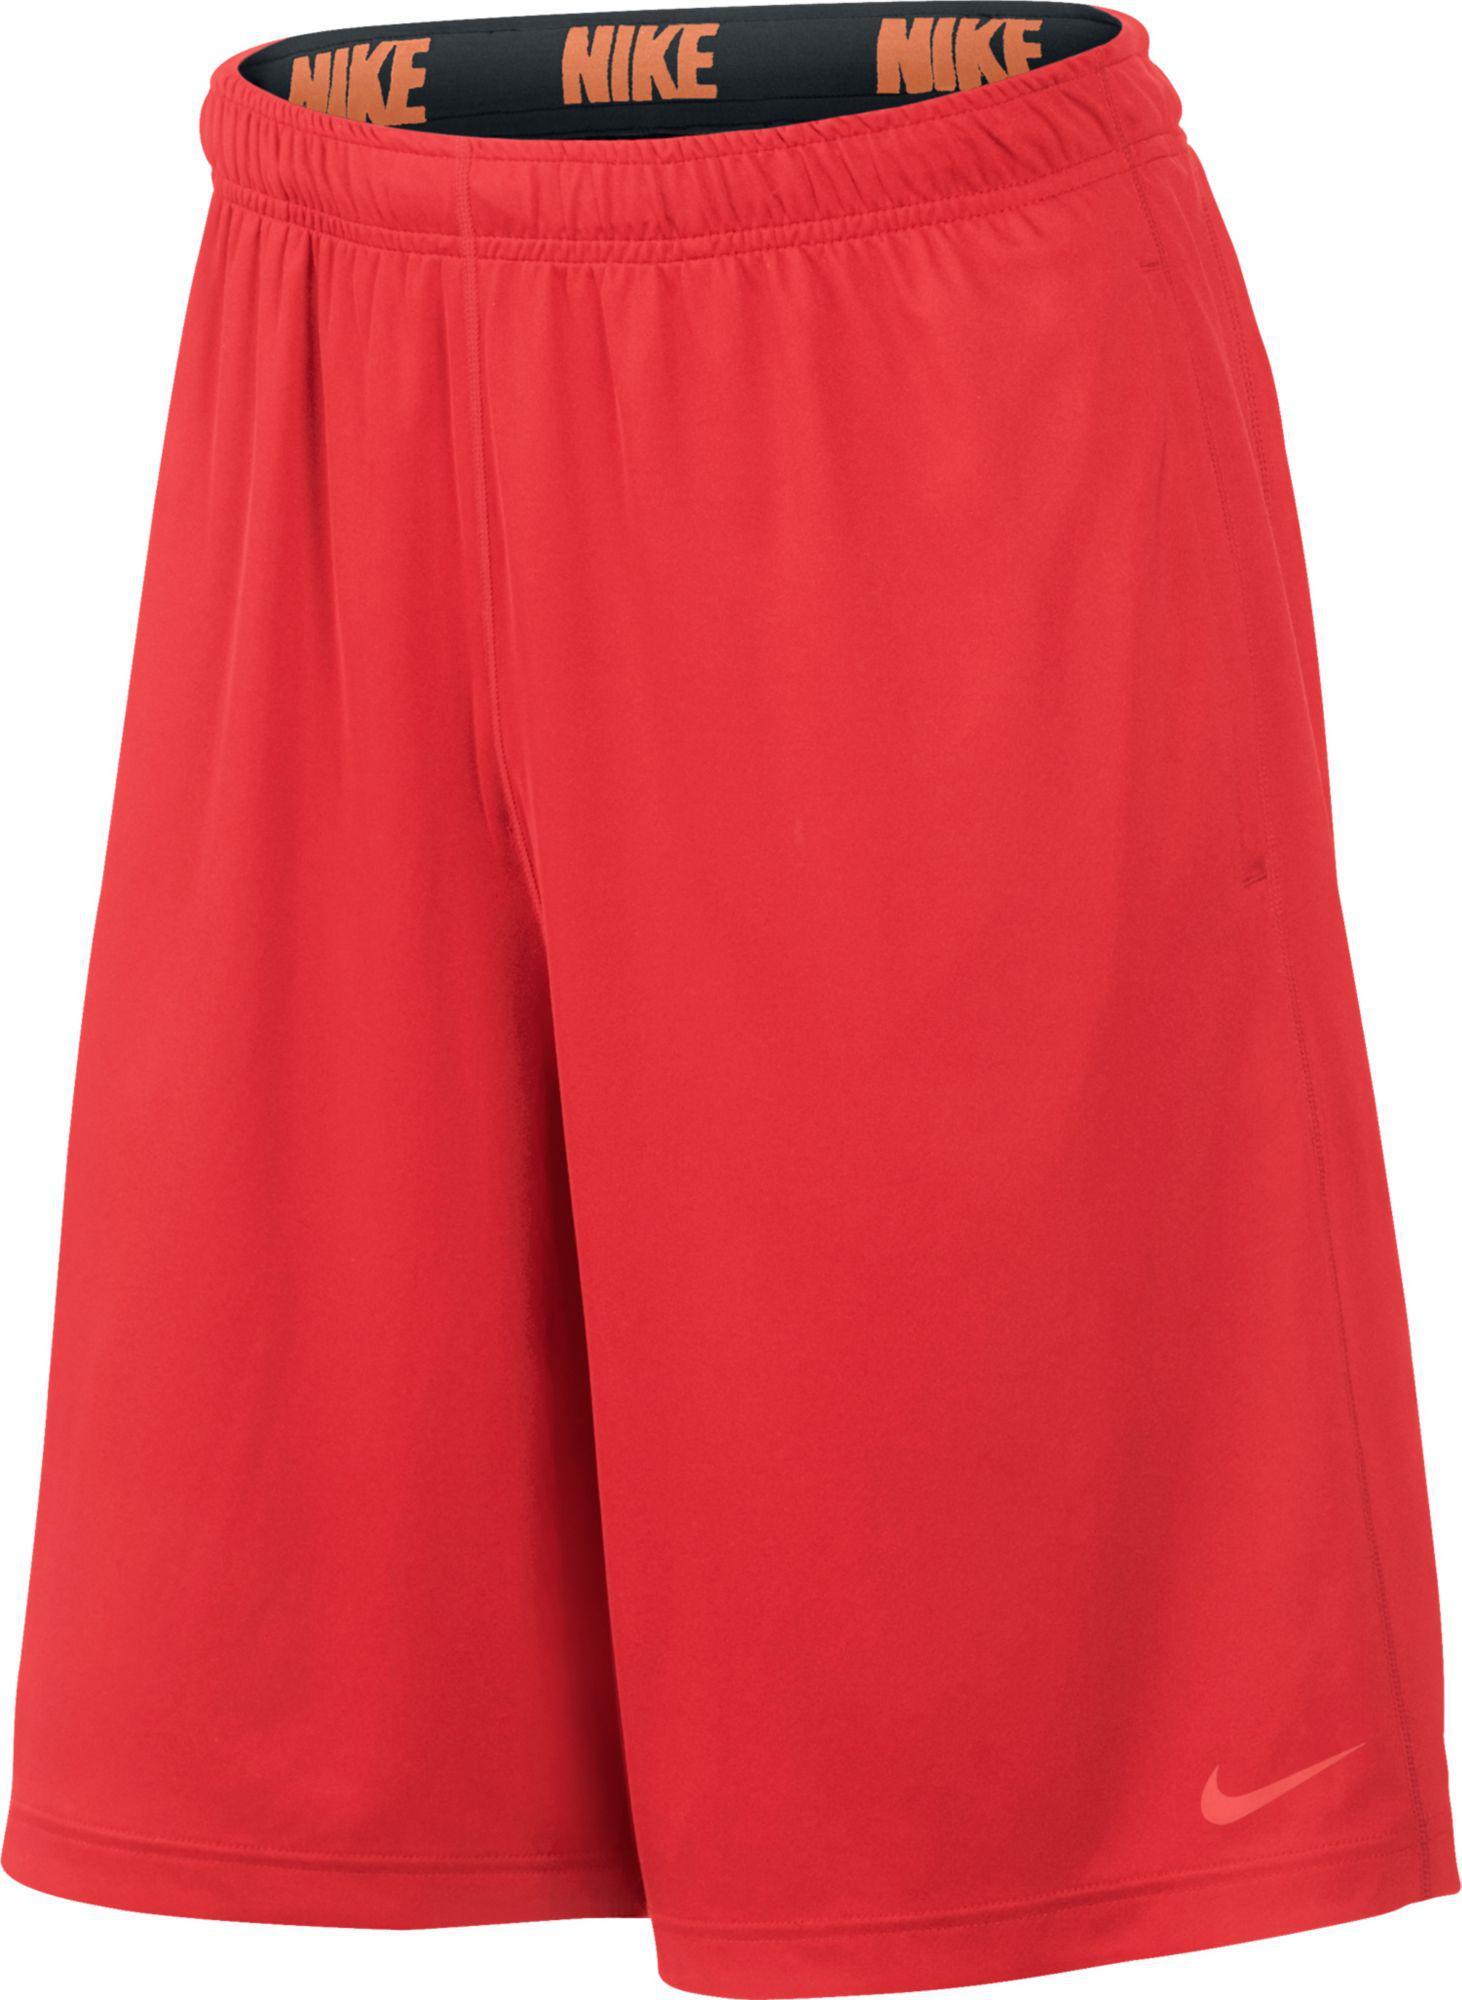 3dddad6b0da Nike - Red Fly Shorts 2.0 for Men - Lyst. View fullscreen